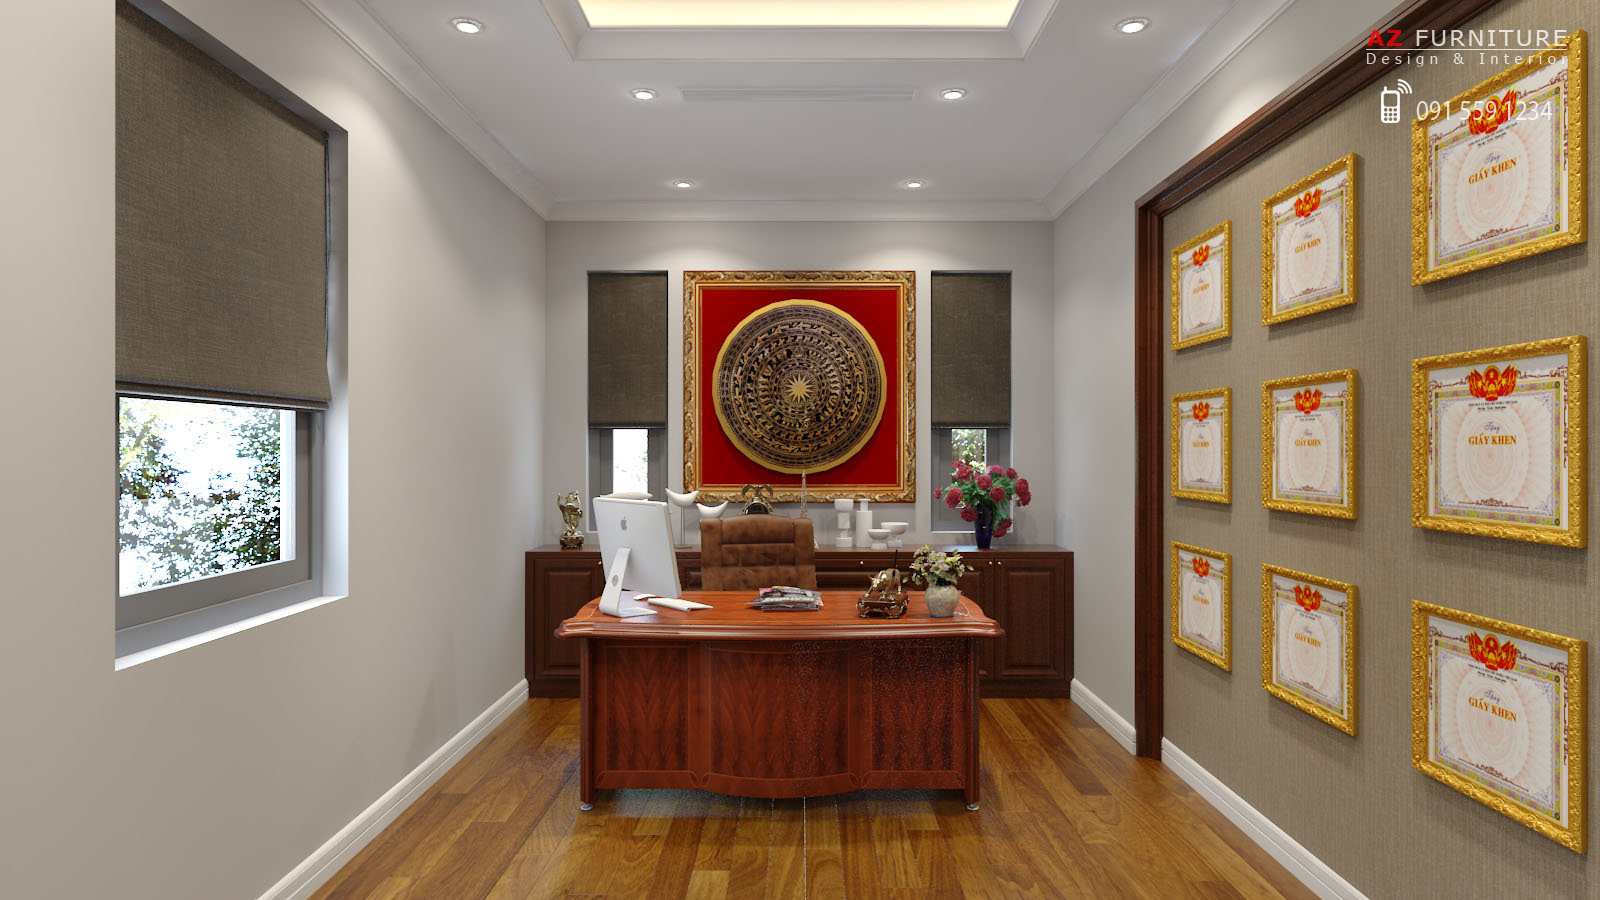 Thiết kế, thi công nội thất biệt thự - Hotline: 091 559 1234